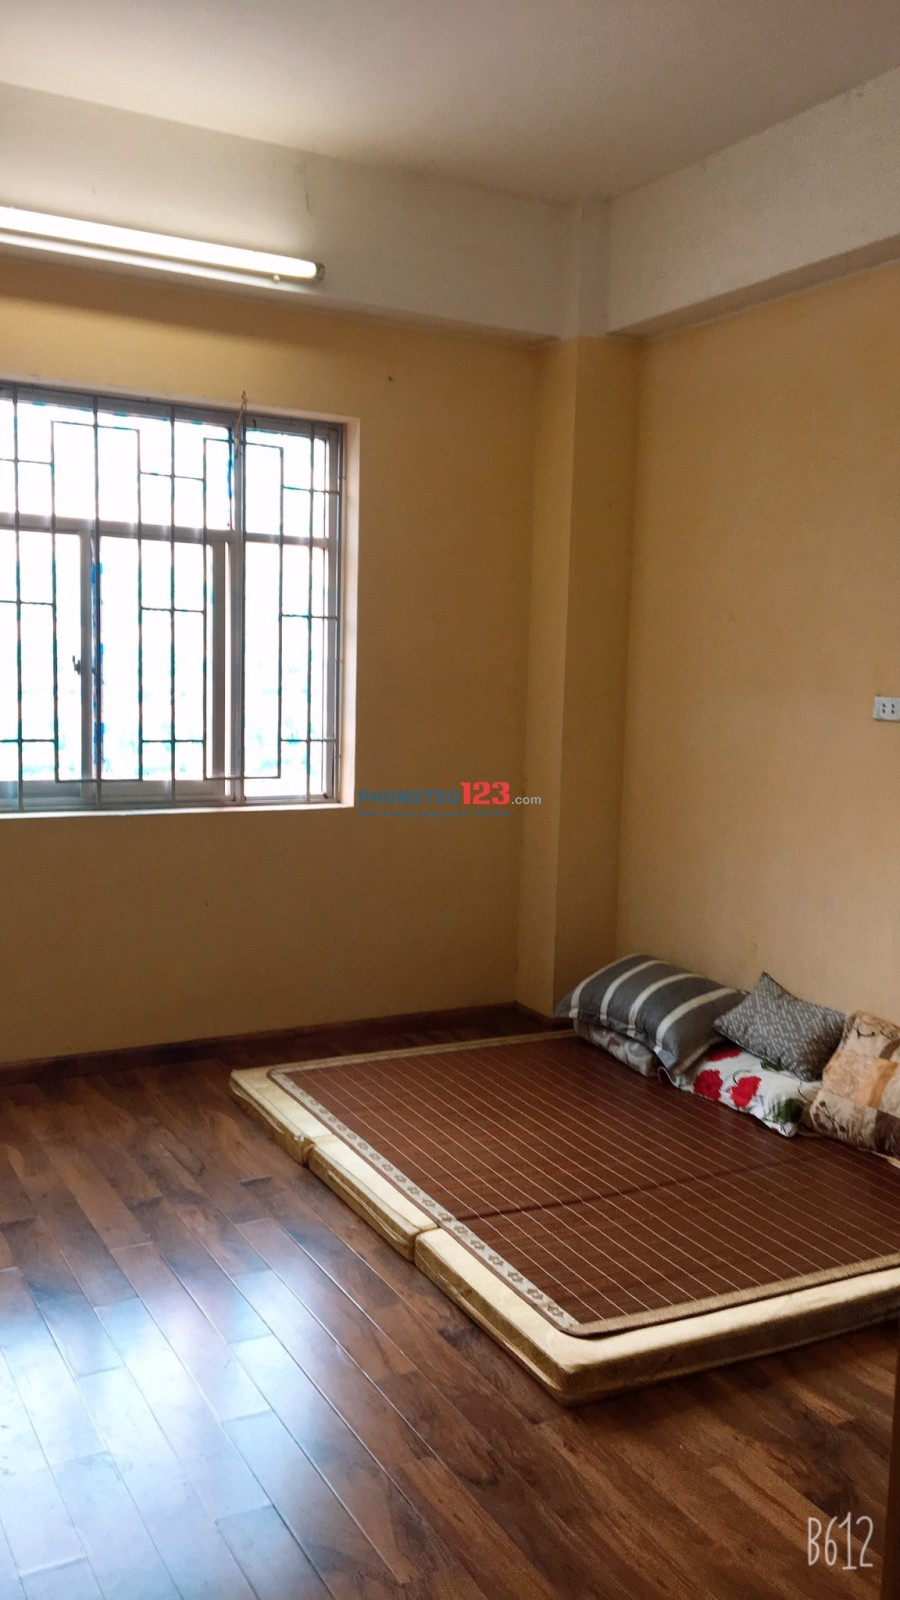 Phòng mới đẹp khu Trung Hòa - Nhân Chính, đủ đồ, dt 20m2, giá 3 triệu/tháng, bao tất cả